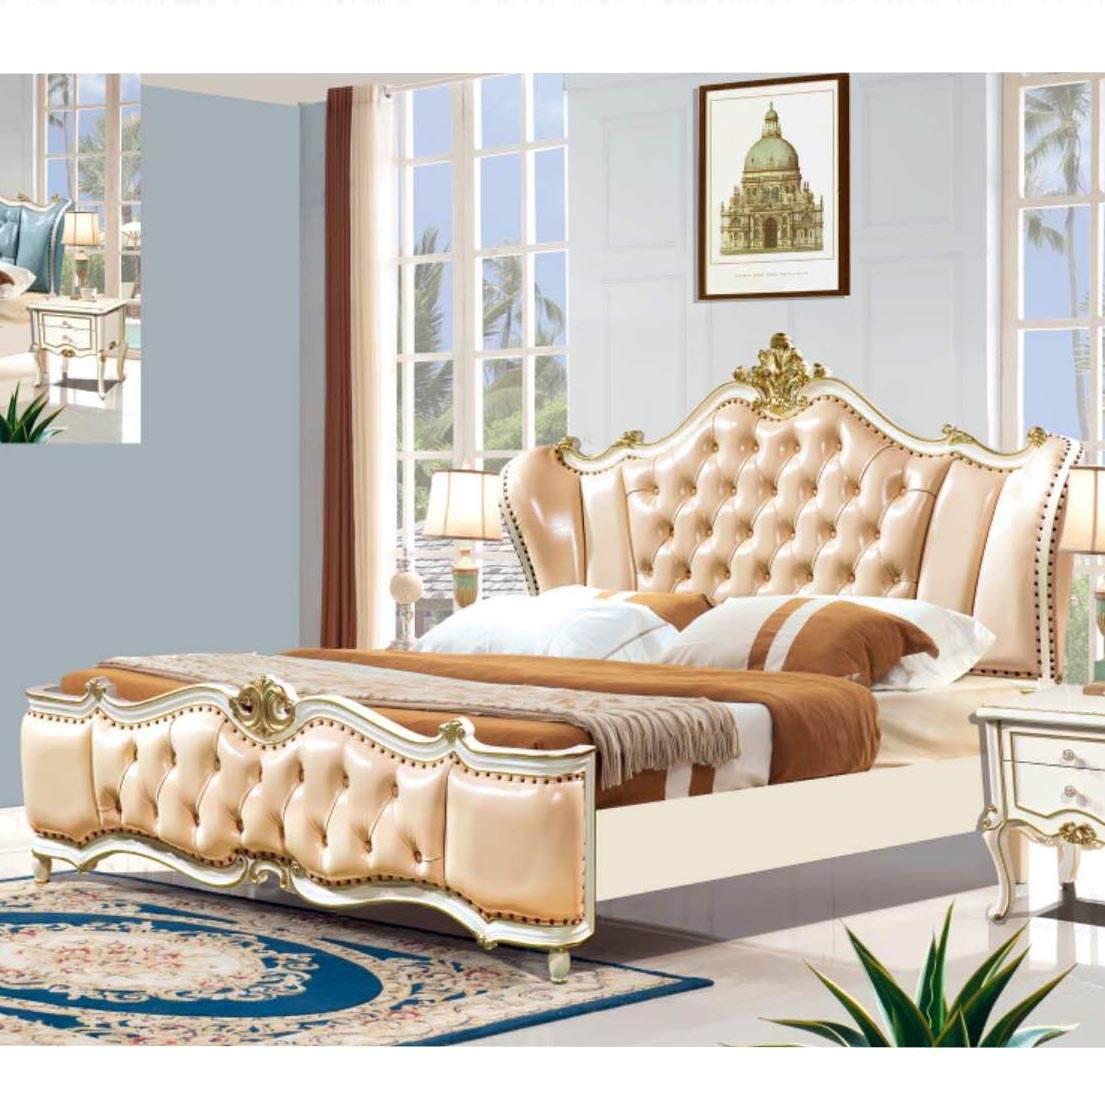 欧式主卧双人1.8米珍珠白床法式储物粉色公主床卧室奢华家具套装